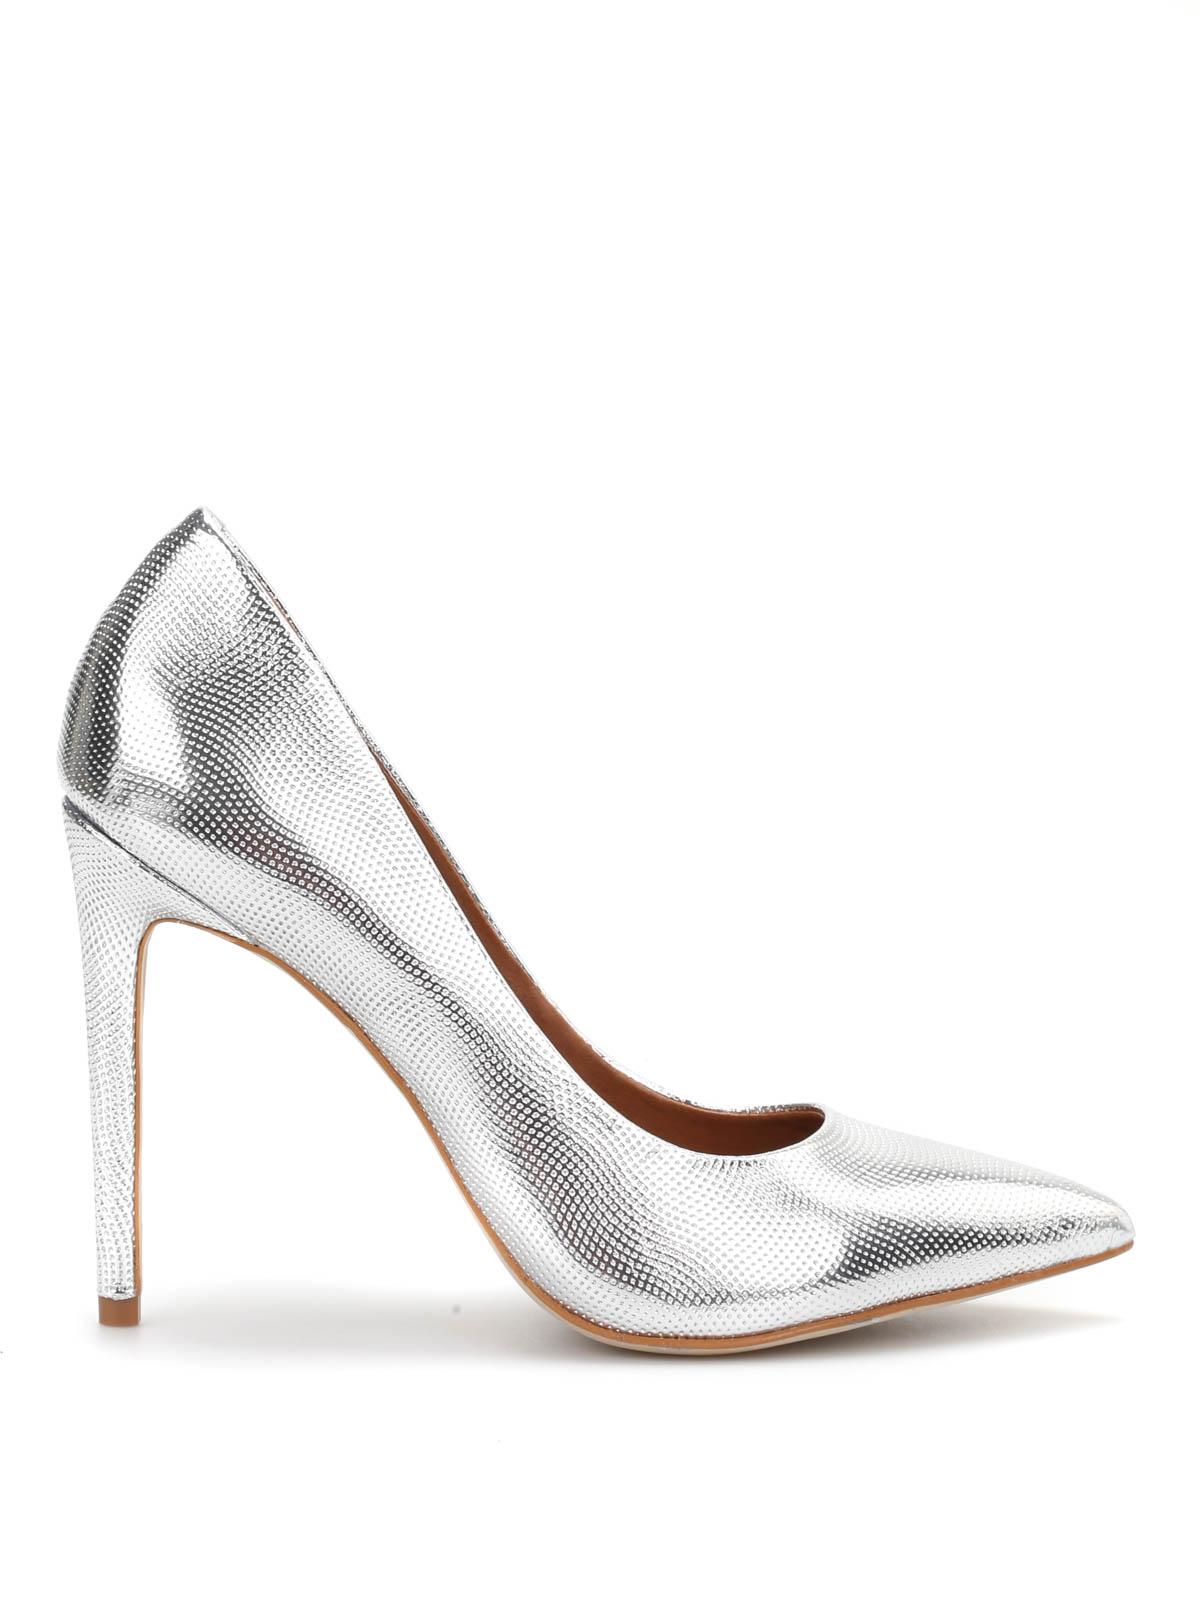 Steve Madden - Décolleté Proto - scarpe décolleté - PROTOSILVER 0caefa0ddf9